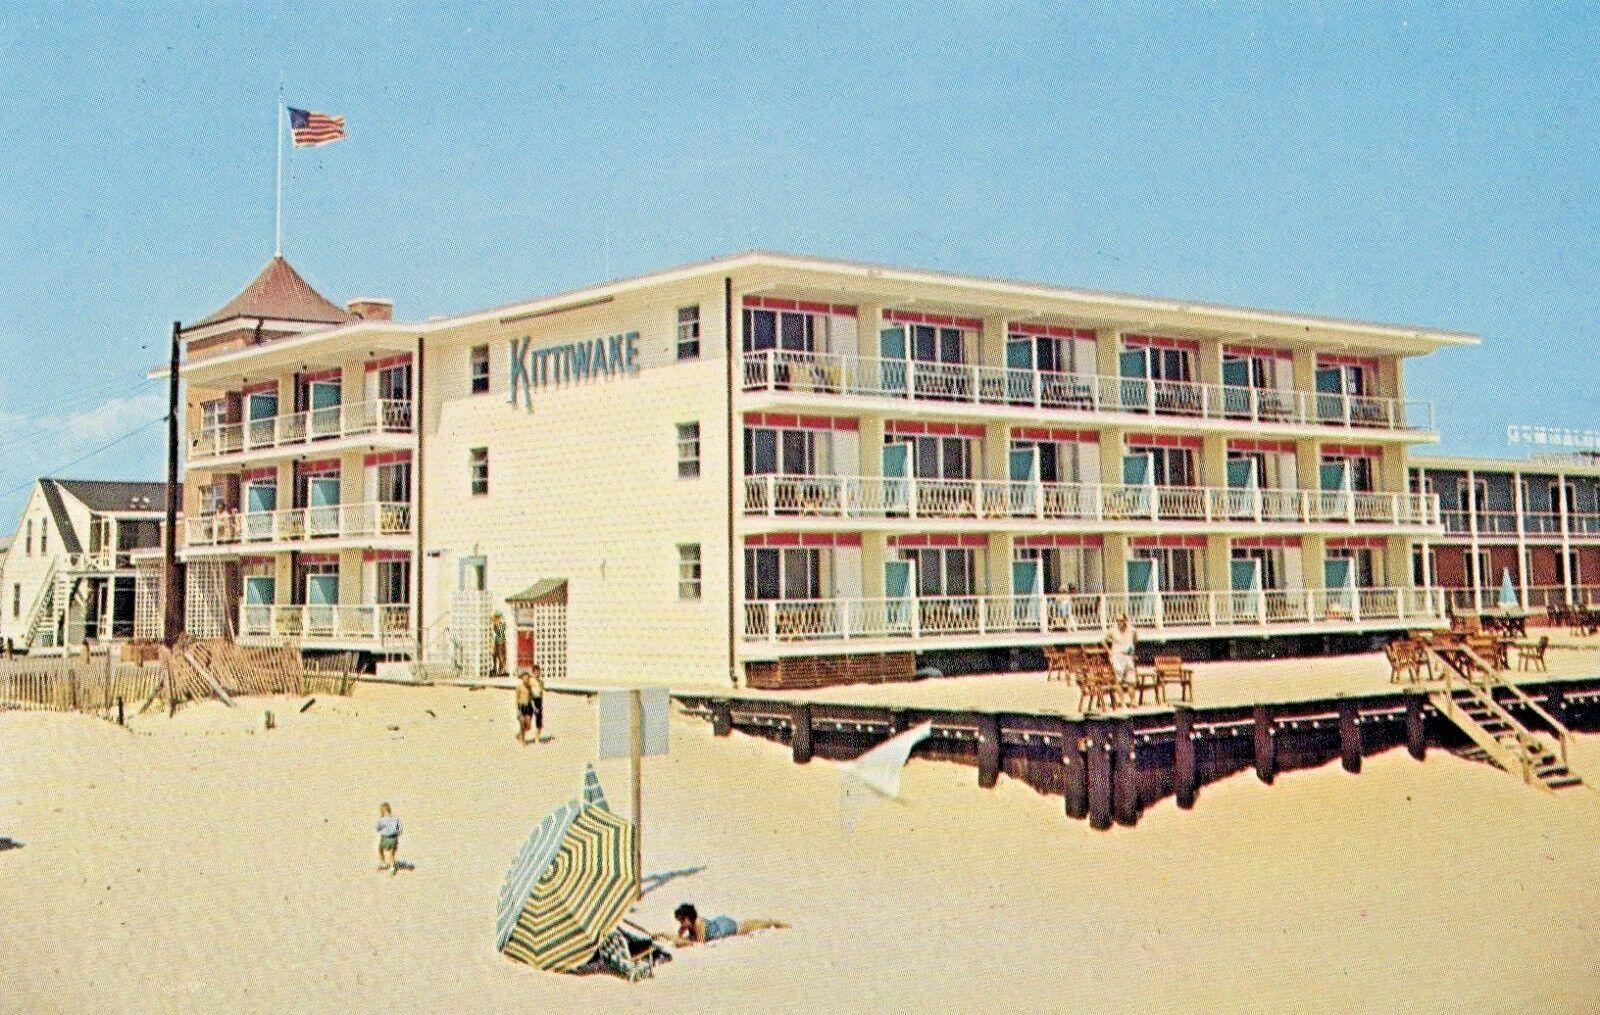 Kittiwake Motel In Ocean City Md Old In 2020 Ocean City Ocean City Md Ocean City Maryland